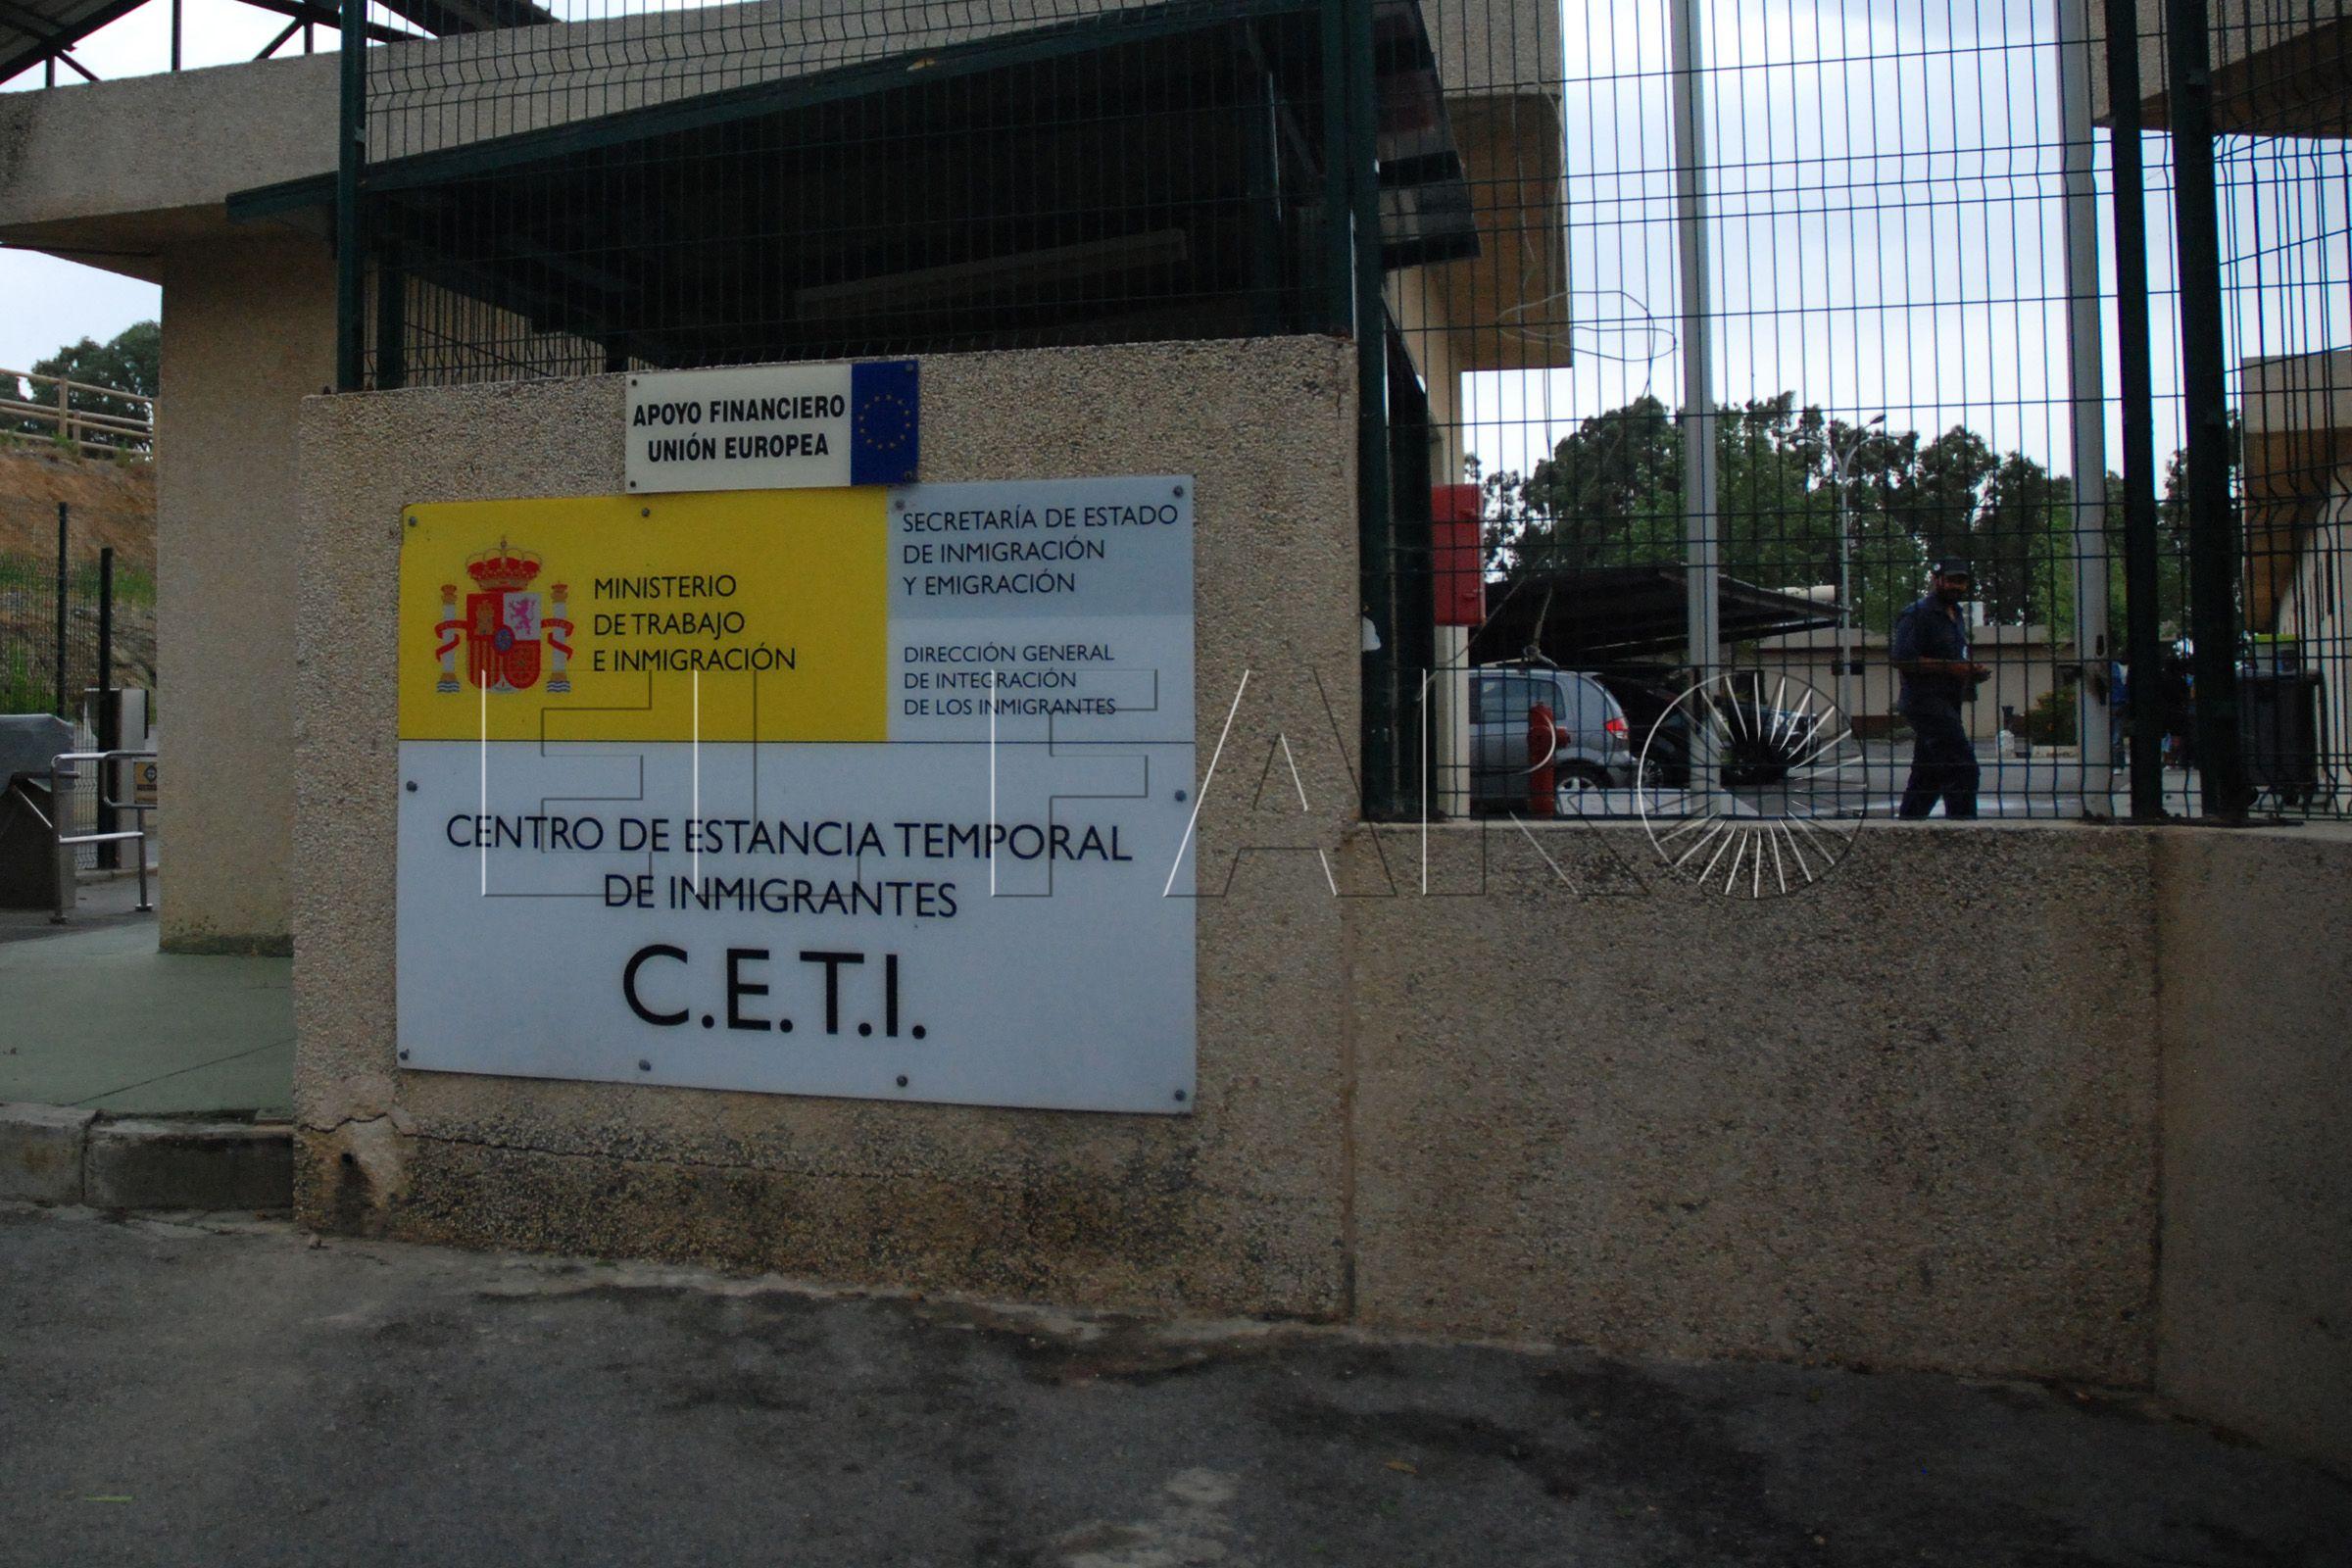 La vigilancia y seguridad  en el CETI de Ceuta costará 1,5 millones de euros